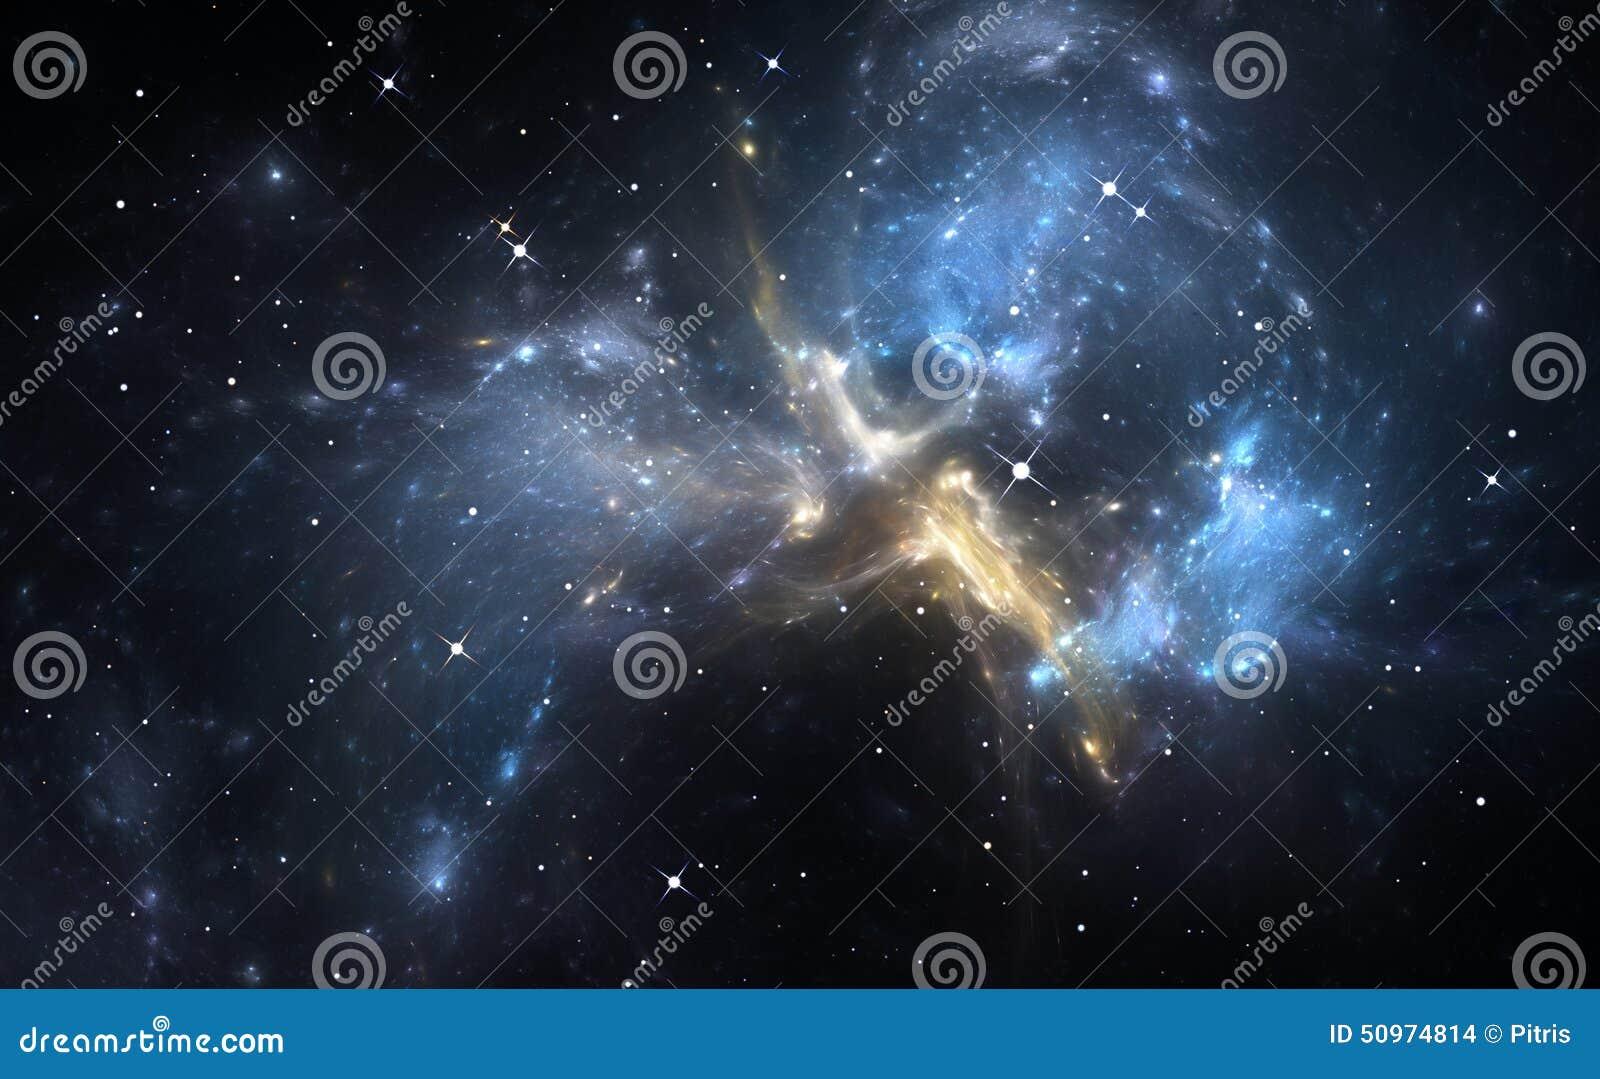 Ilustração Gratis Espaço Todos Os Universo Cosmos: Fundo Do Espaço Com Nebulosa E As Estrelas Azuis